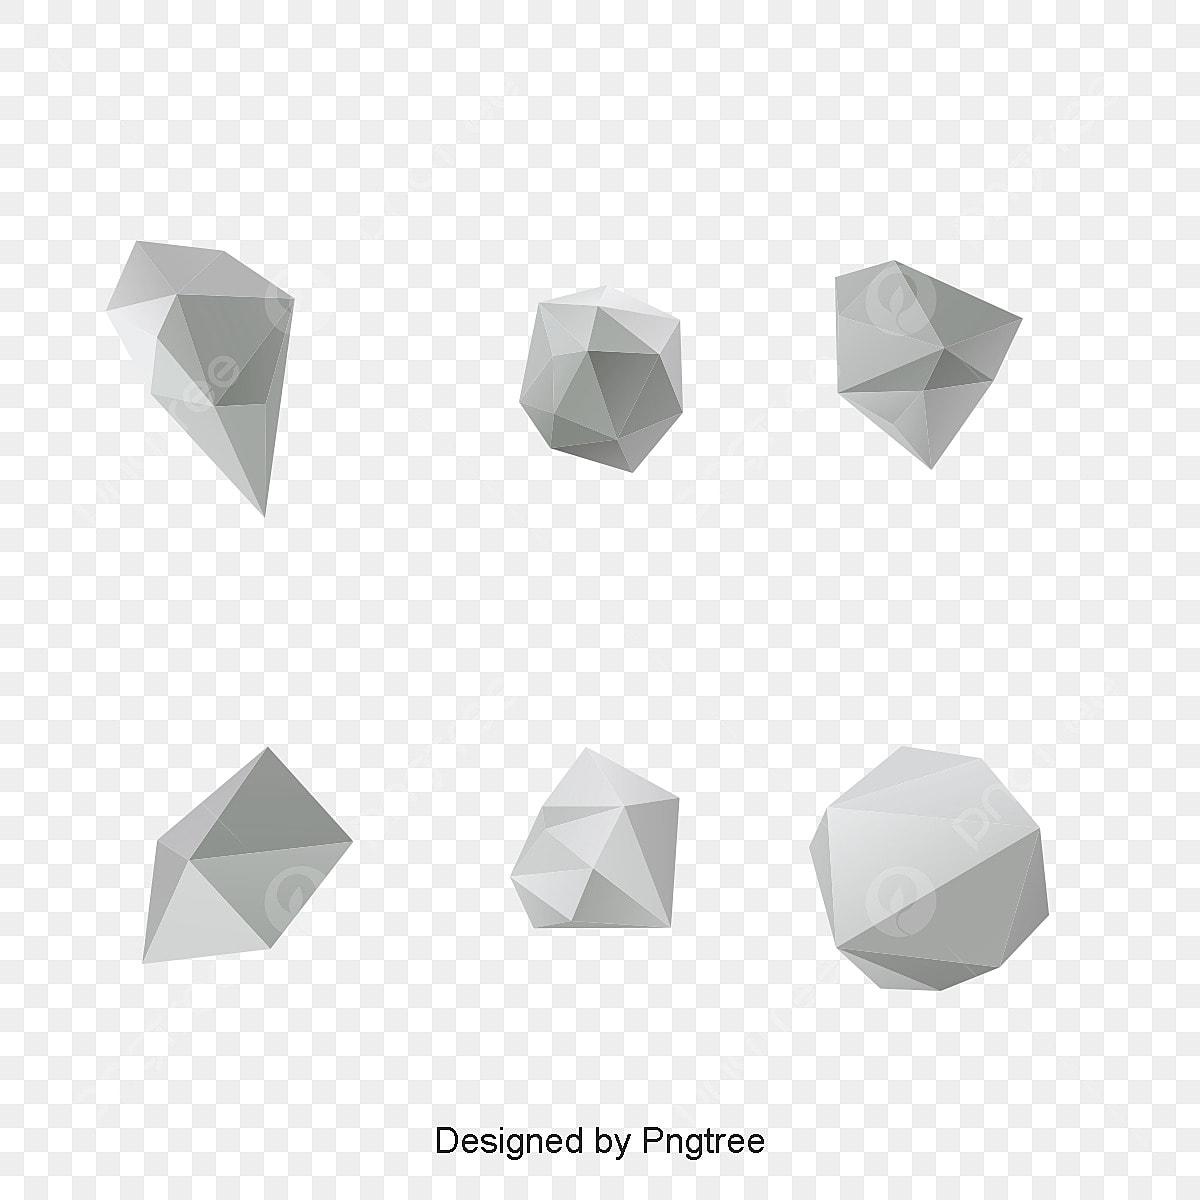 أشكال هندسية مجردة التصميم نبذة مختصرة 3d Png وملف Psd للتحميل مجانا